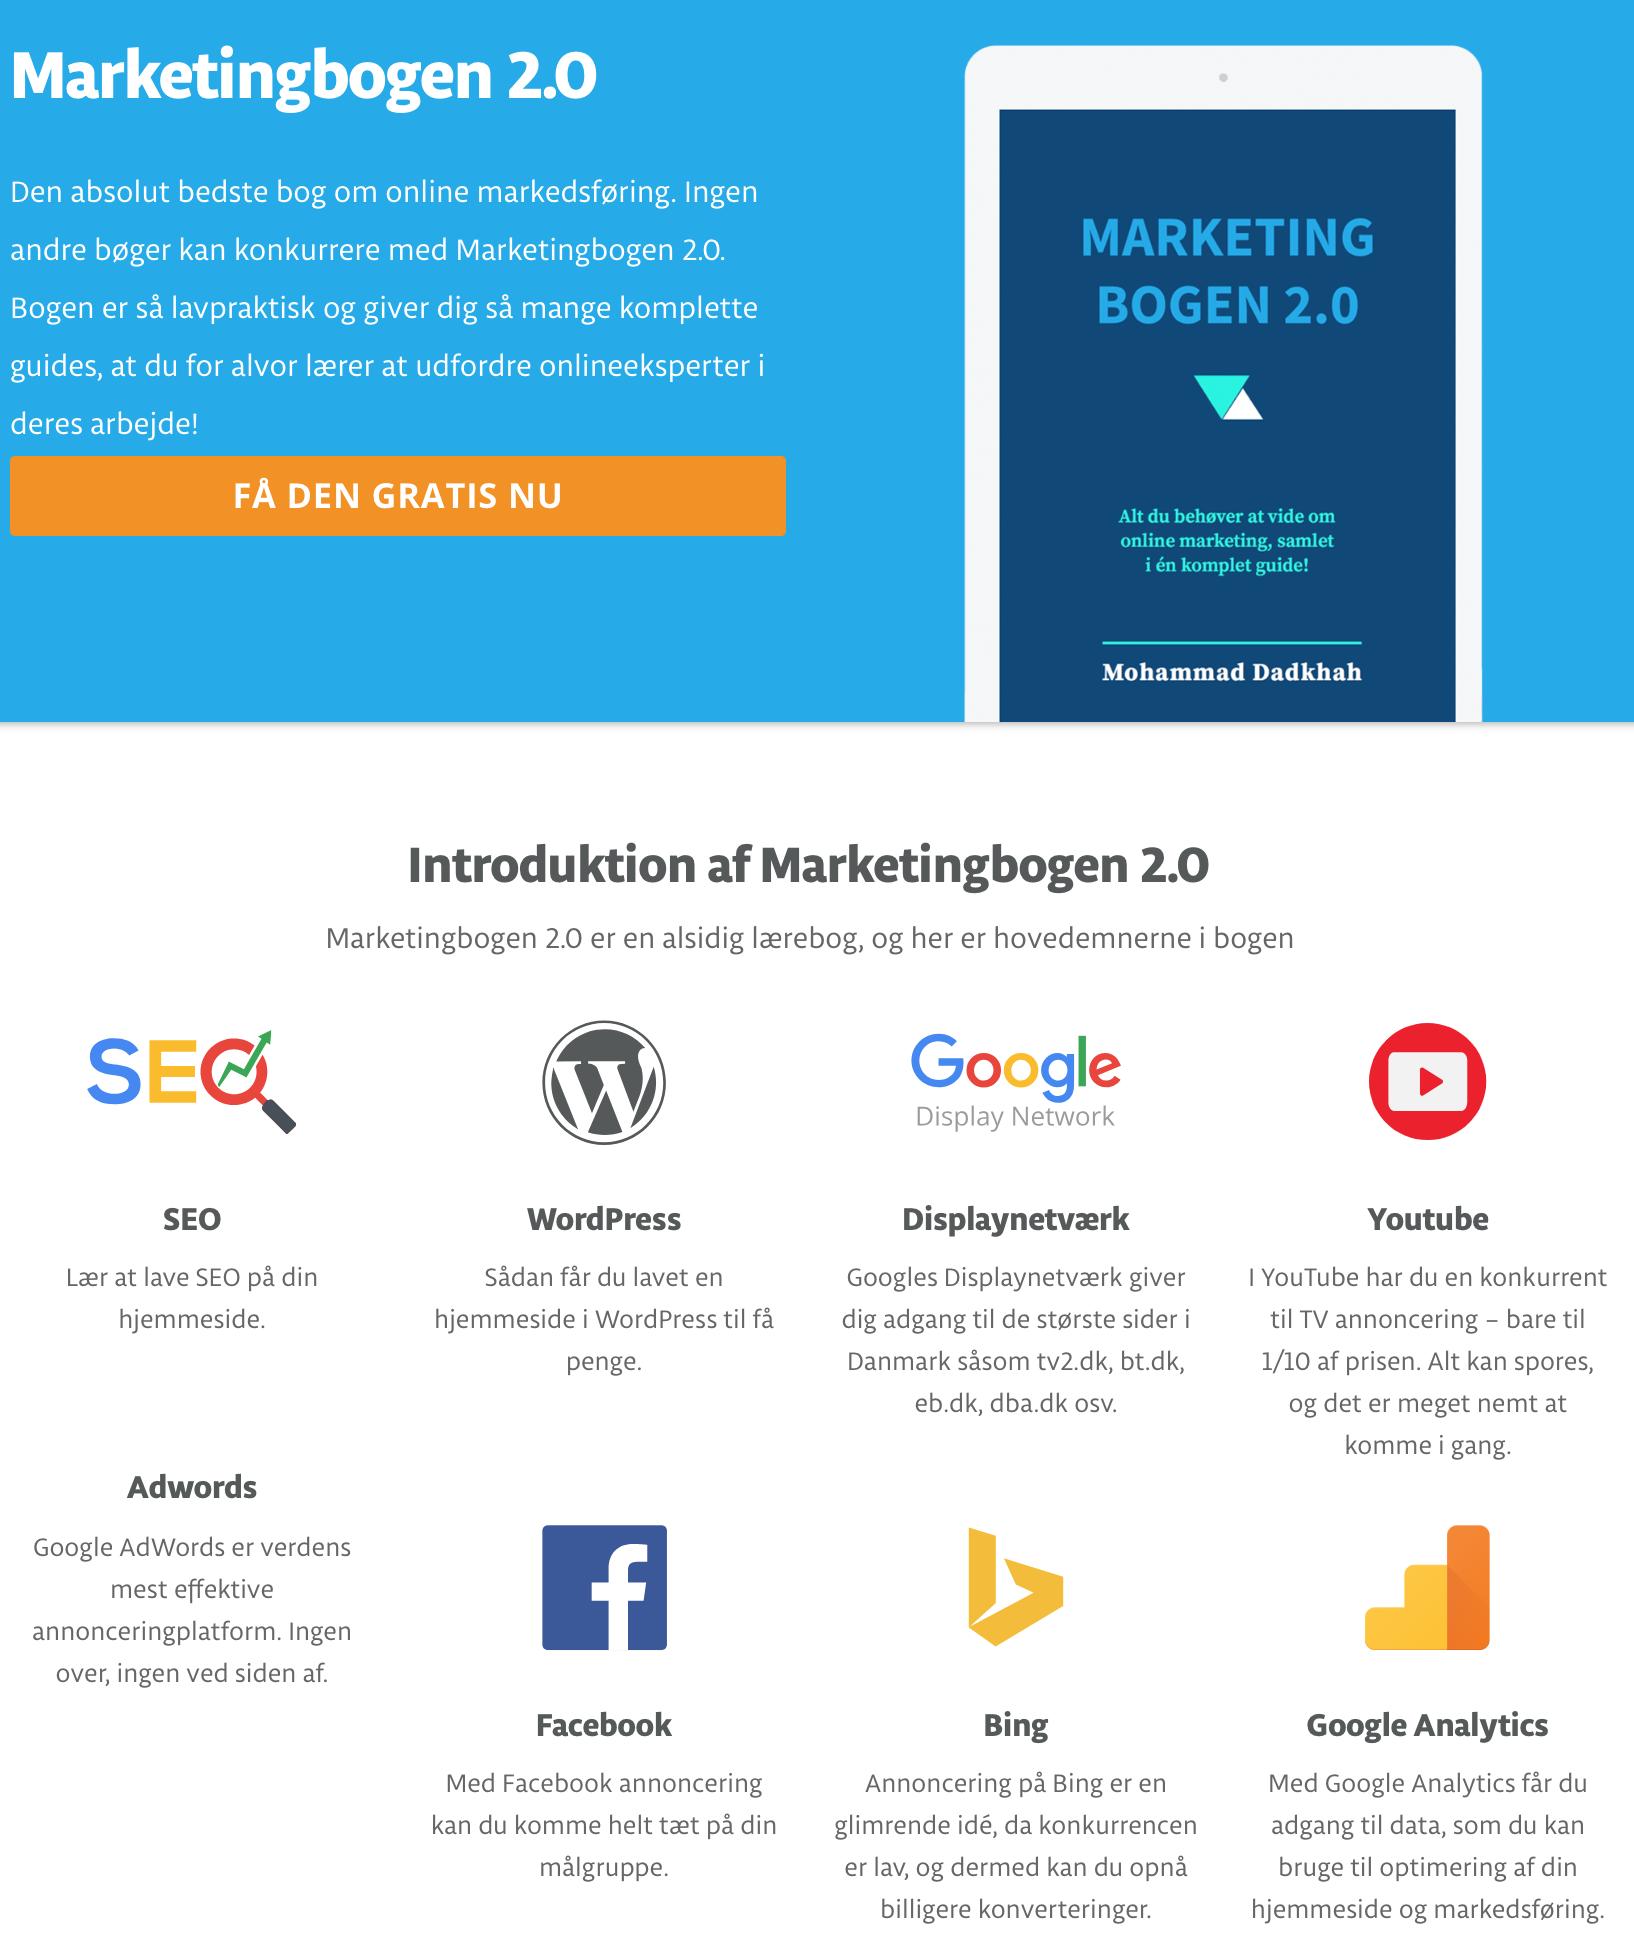 Hent Marketingoigen 2.0 helt gratis